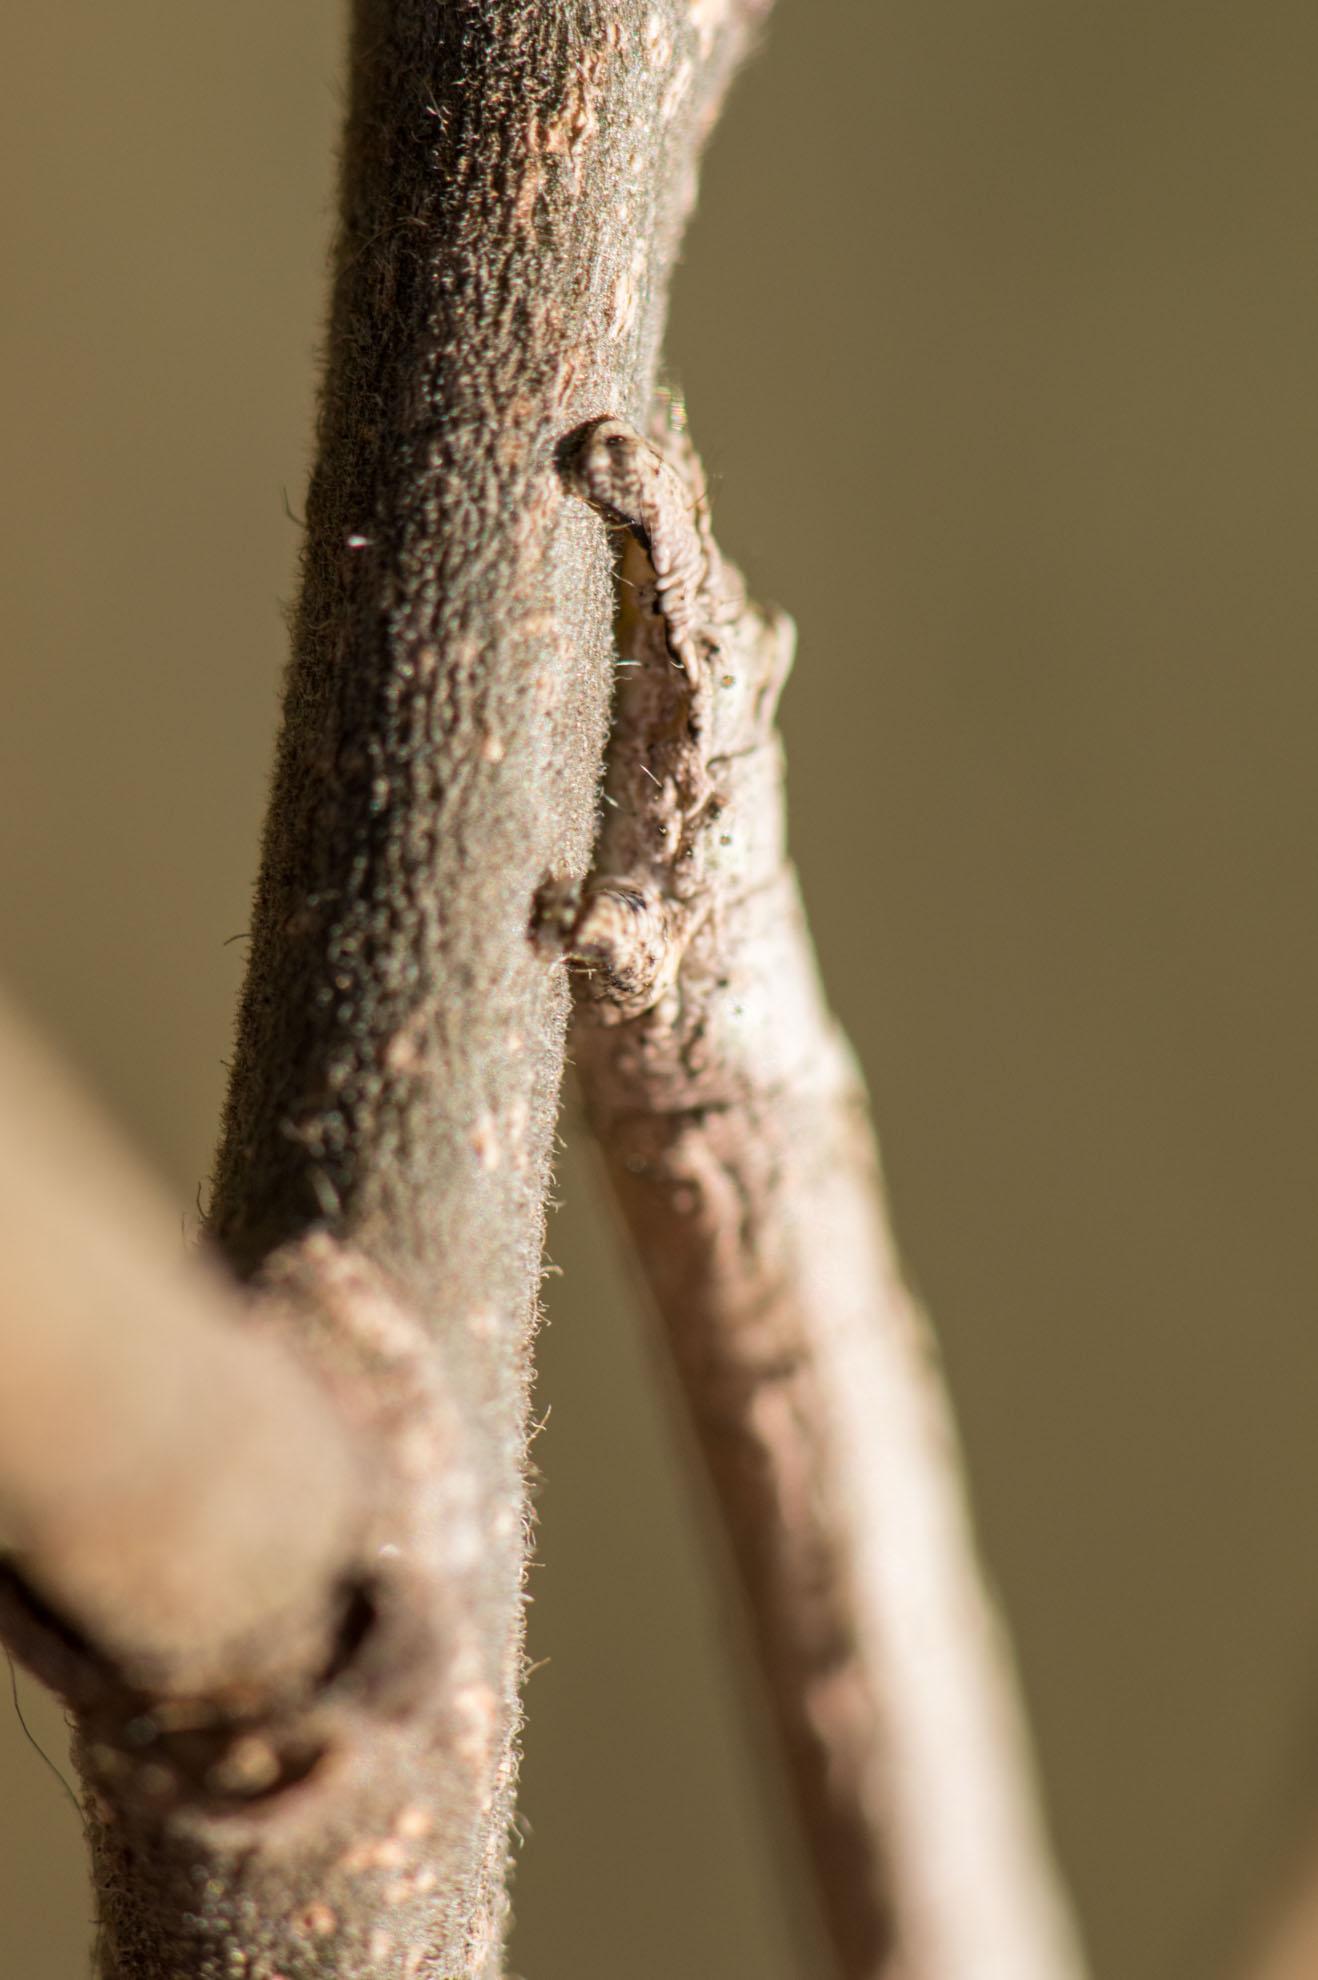 クワエダシャクの幼虫の脚